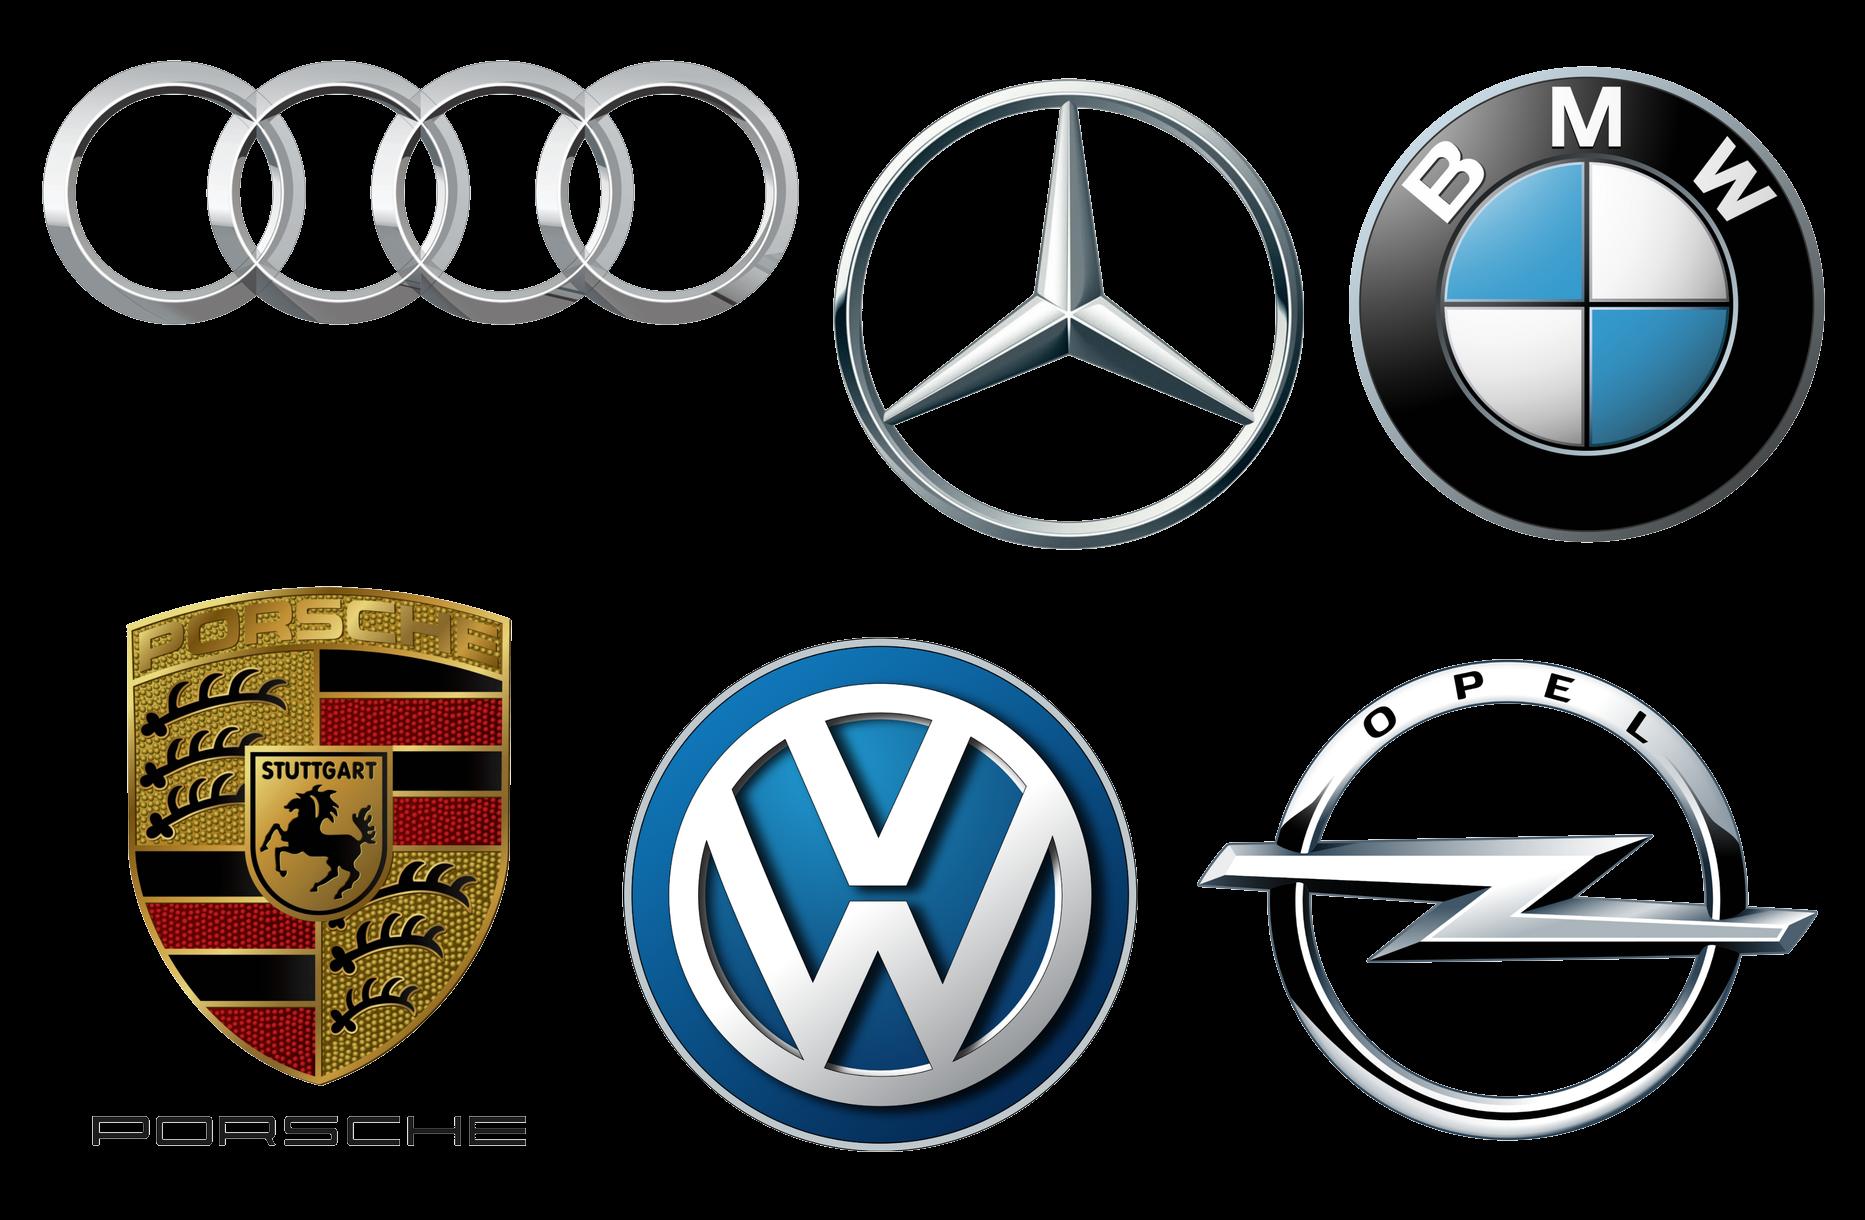 все автомобильные марки в картинках